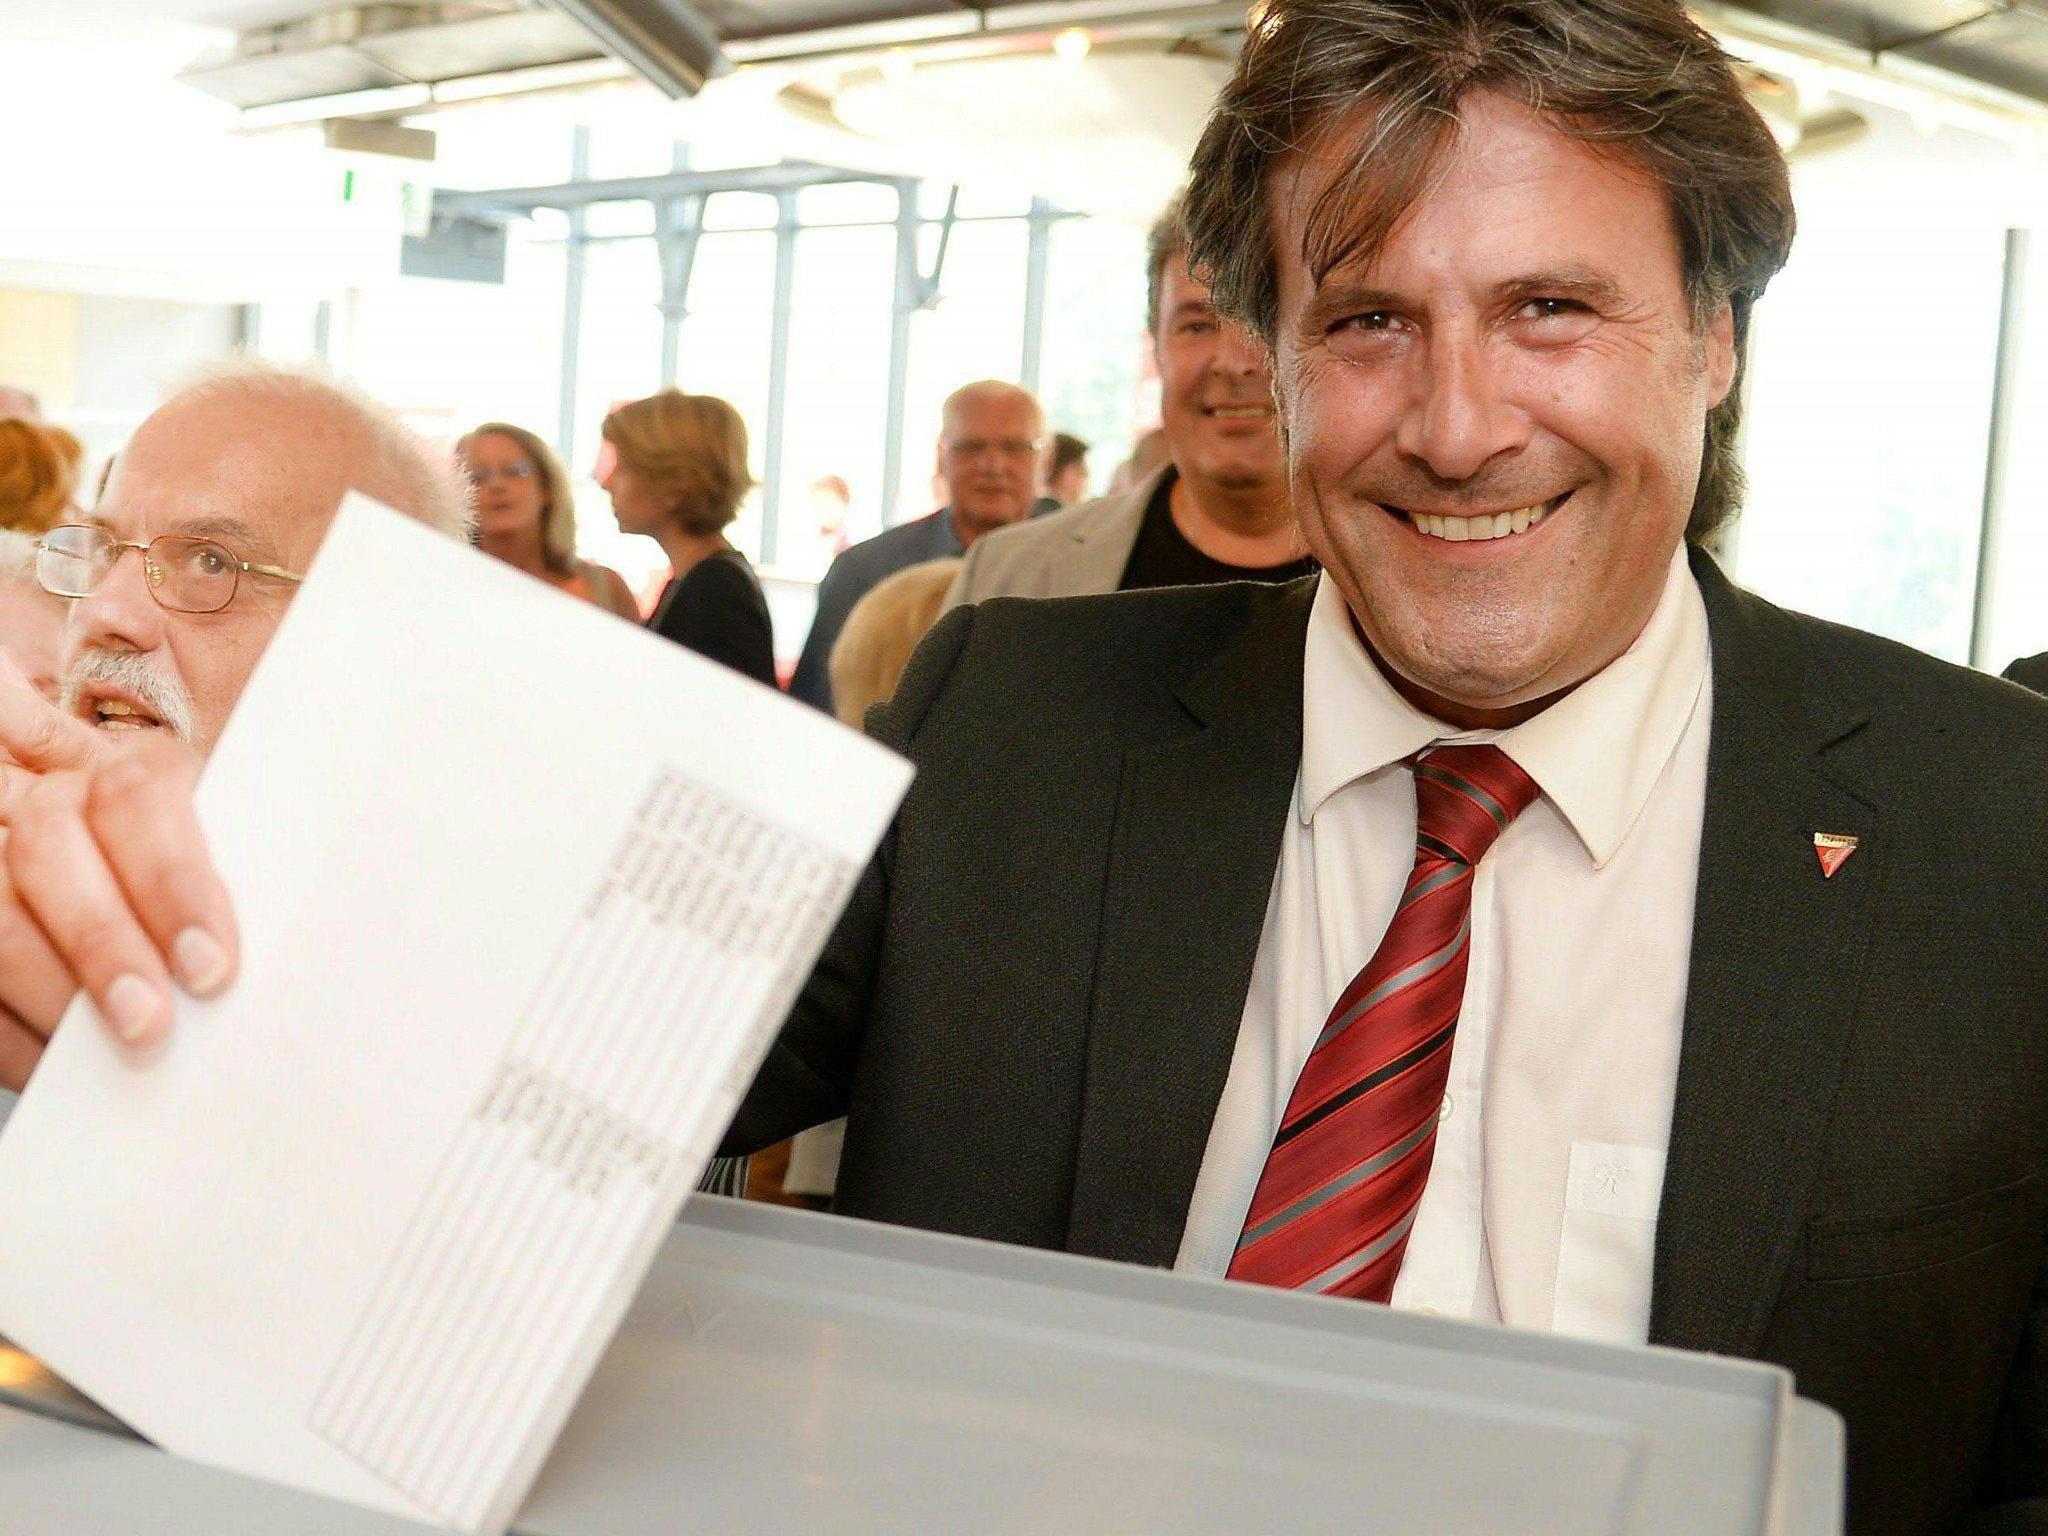 Ingo Mayr mit 90,7 Prozent zum neuen Tiroler SPÖ-Vorsitzenden gewählt